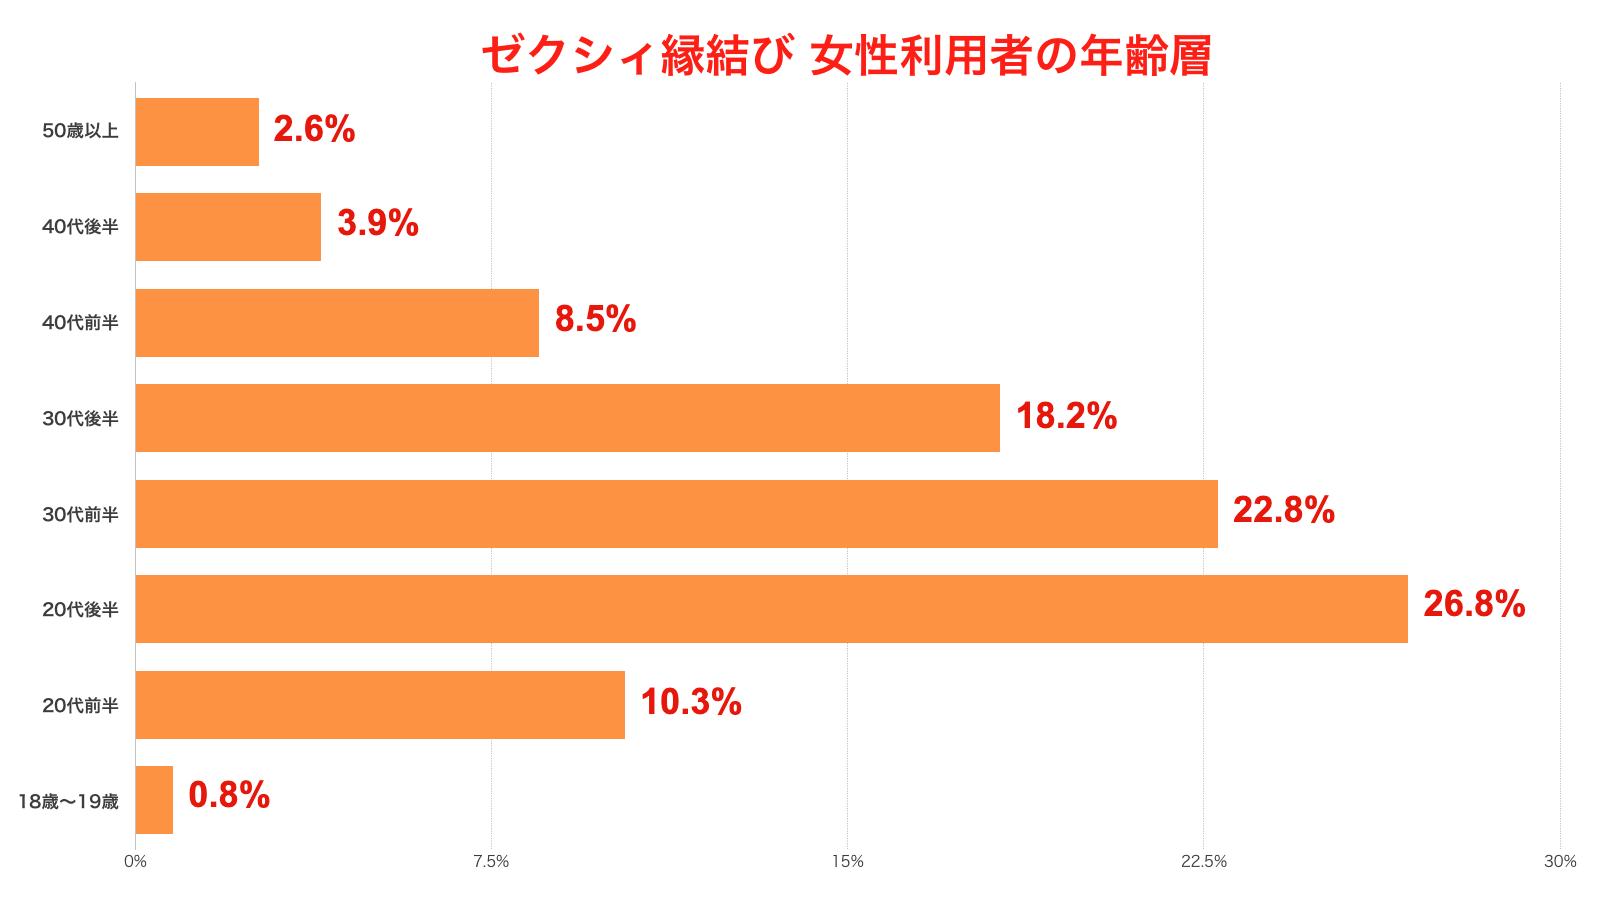 ゼクシィ縁結び 女性利用者の年齢層割合